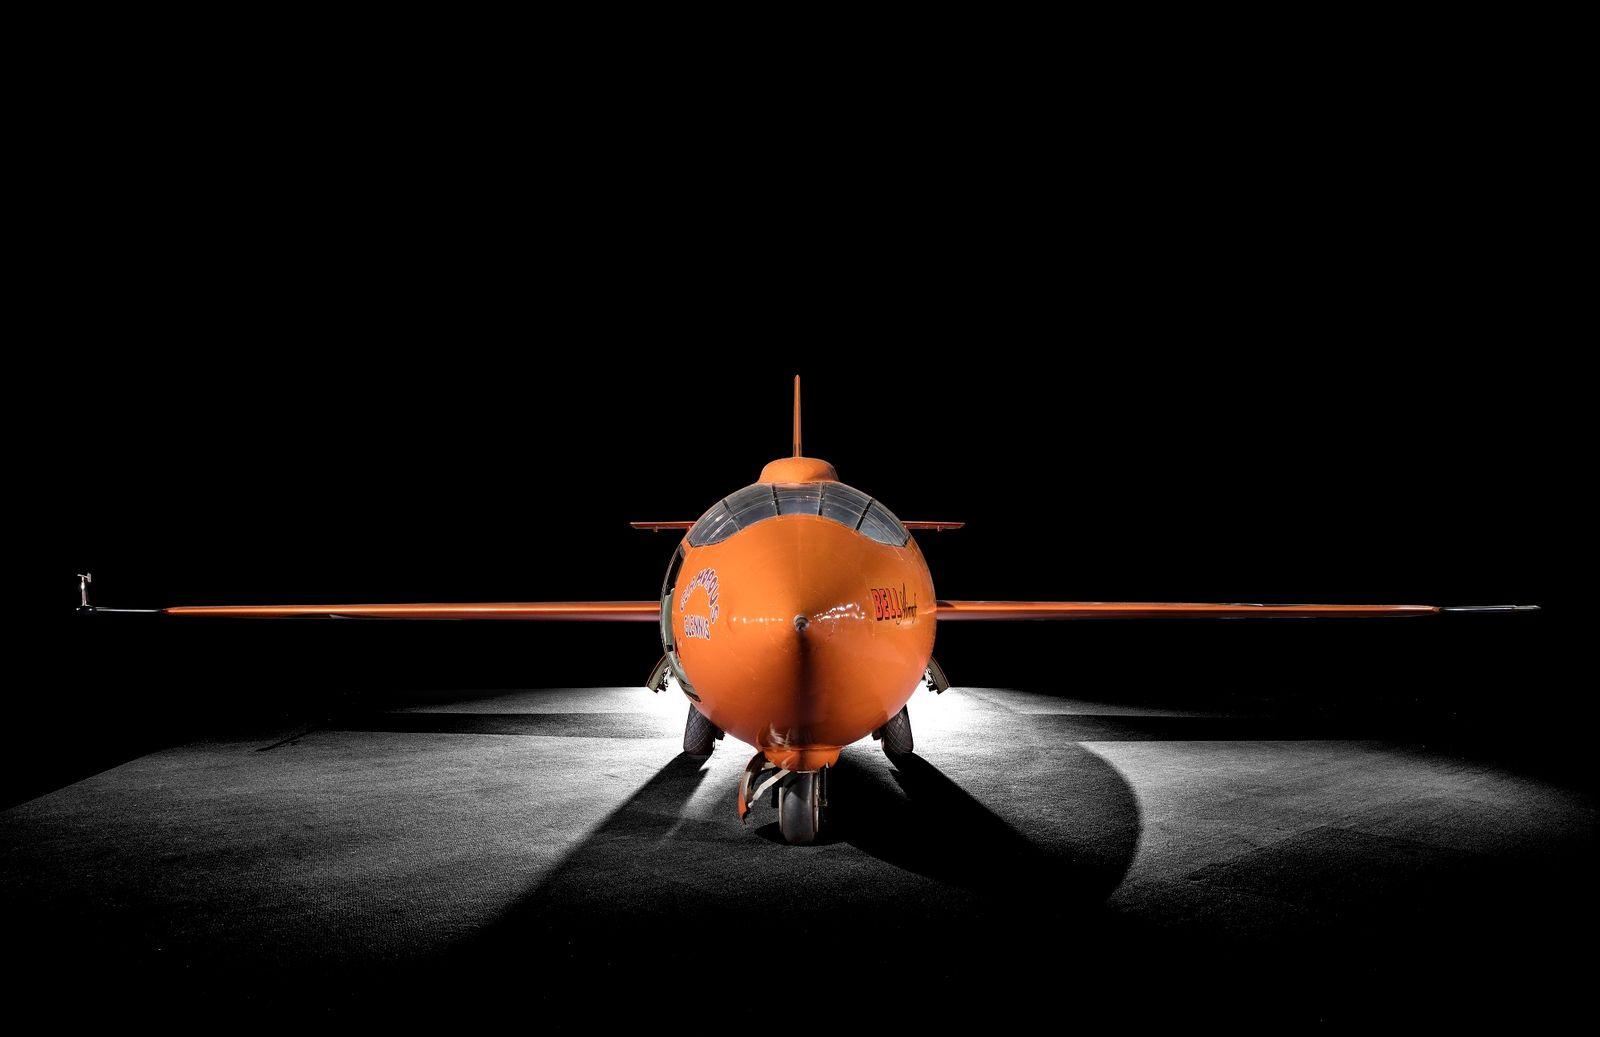 O Bell X-1, pilotado por Chuck Yeager, foi o primeiro avião a quebrar a barreira do ...